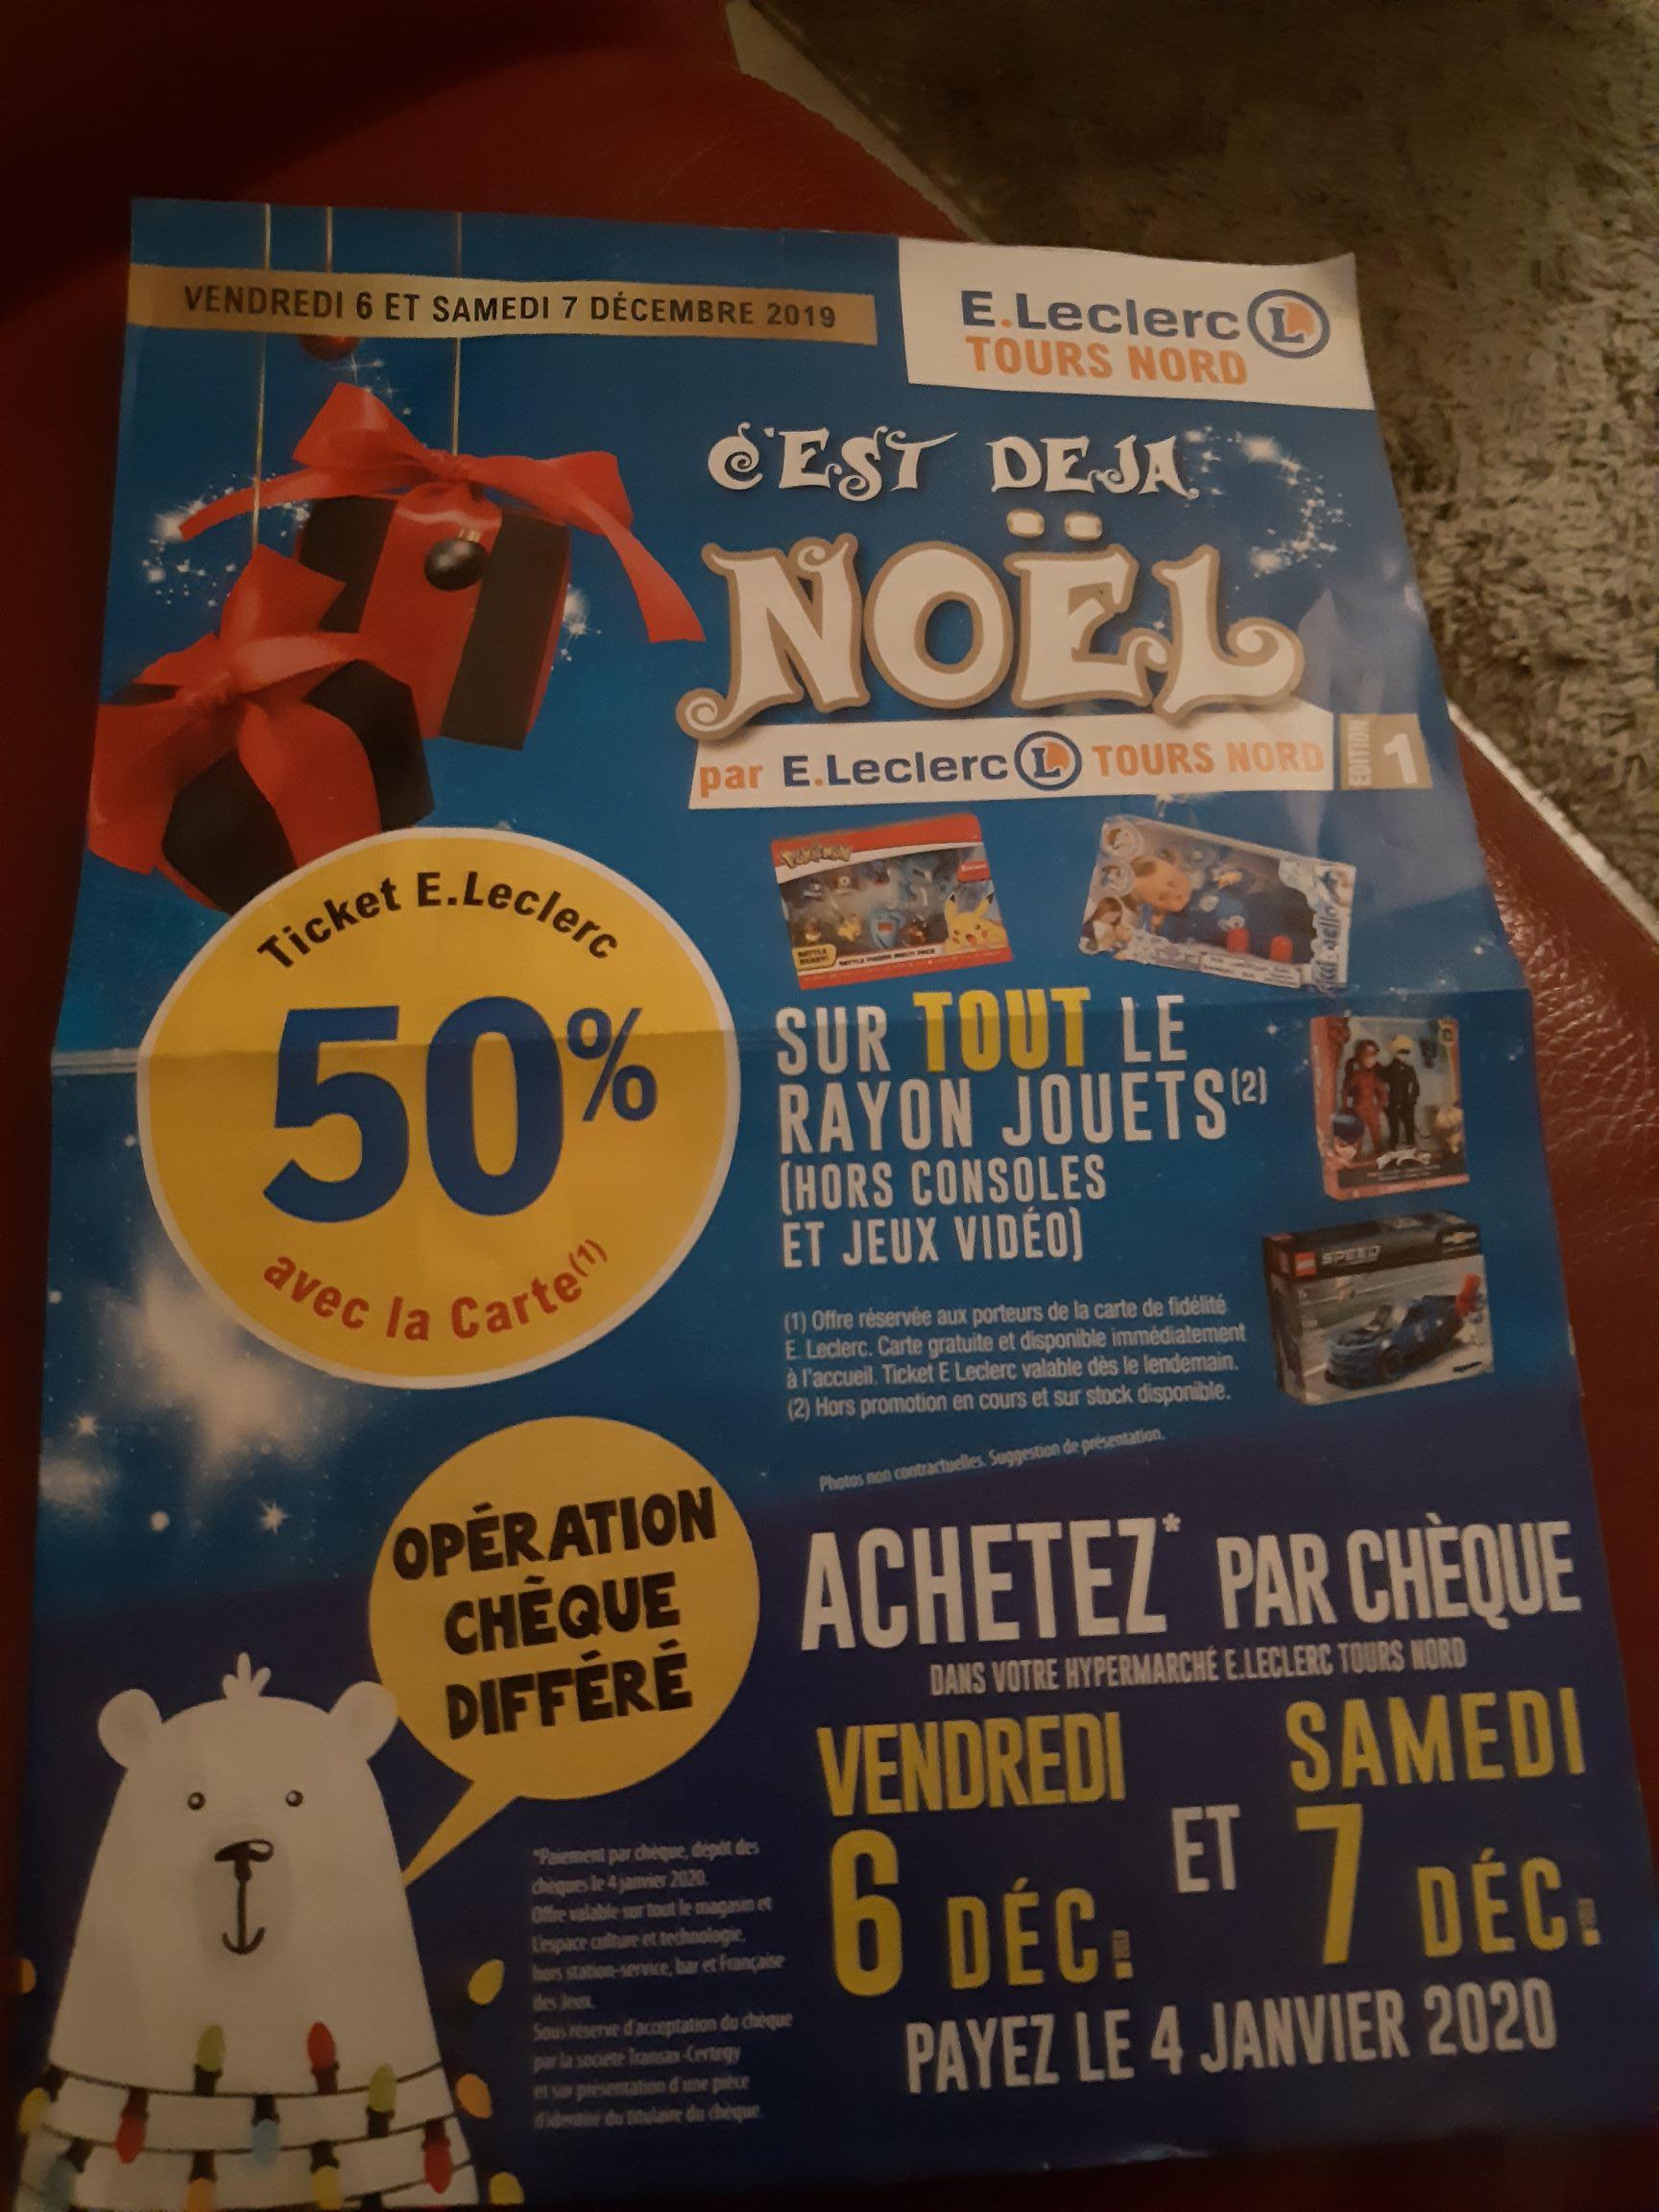 [Carte de fidélité] 50% remboursés en tickets E.Leclerc sur le rayon Jouet (hors consoles et jeux vidéo) - Tours Nord (37)